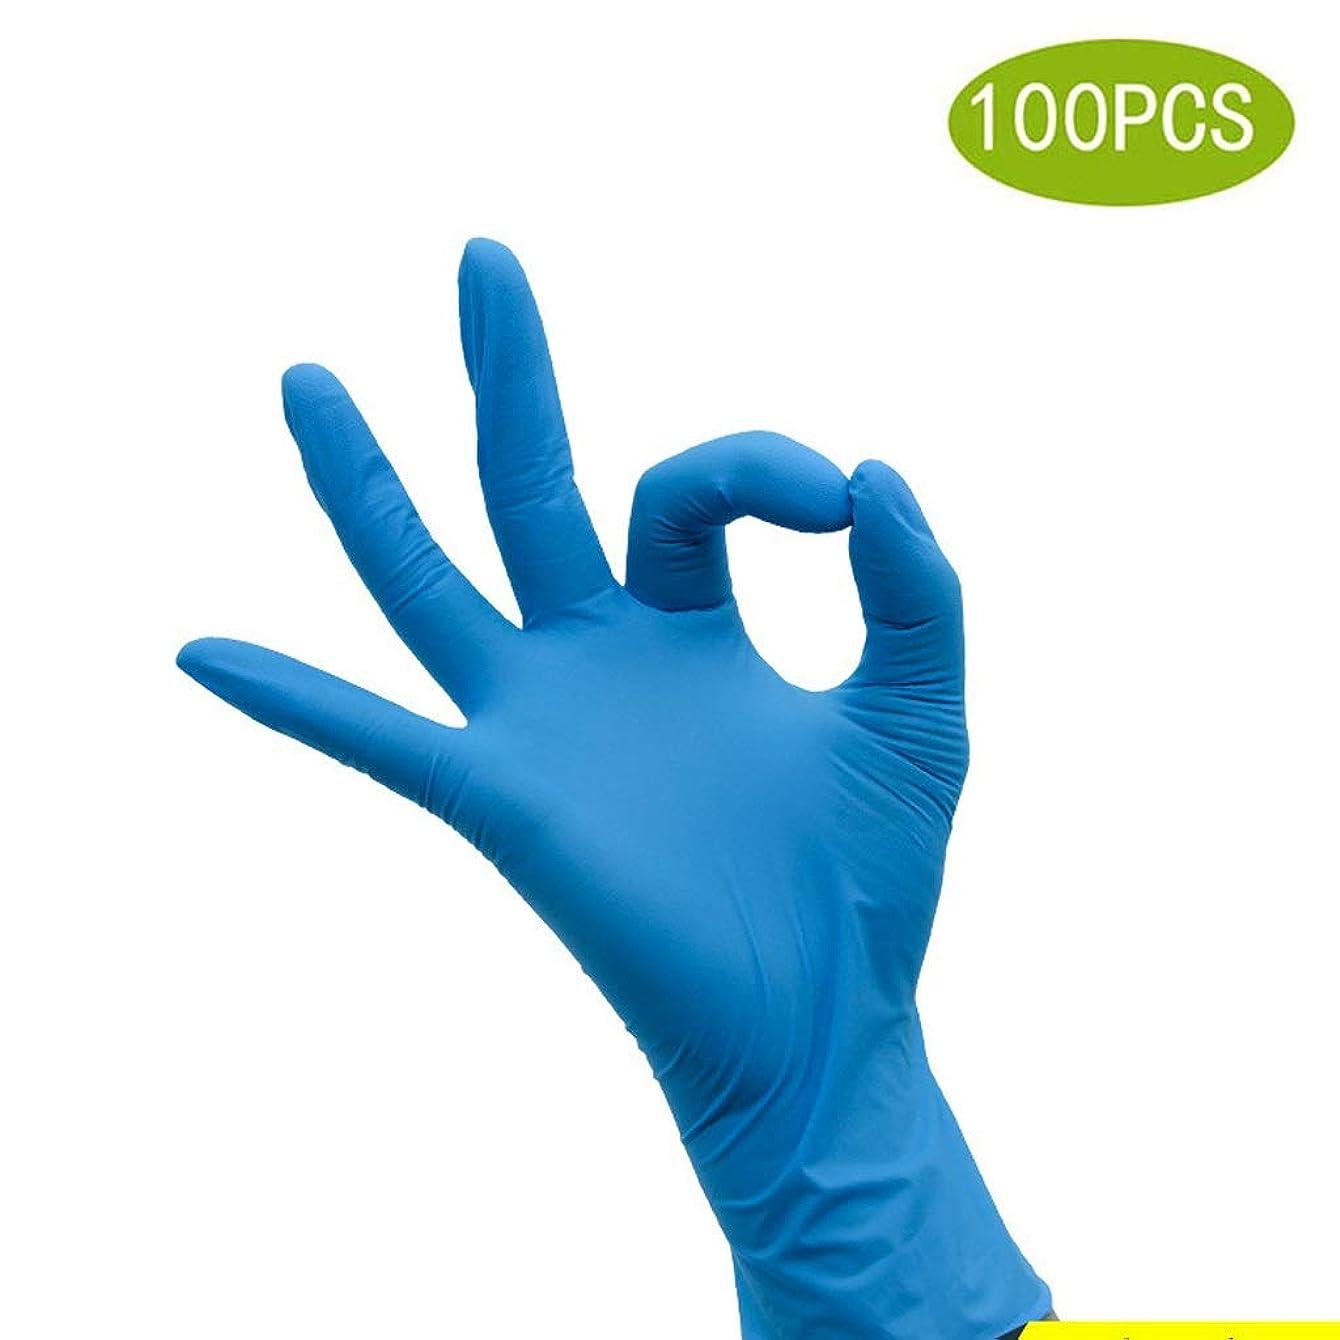 次へ説明する東ティモール使い捨て手袋食品ケータリング手術丁清ゴムラテックススキンキッチン厚い試験ケータリング美容実験、使い捨て手袋ディスペンサー[100個] (Color : Blue, Size : L)